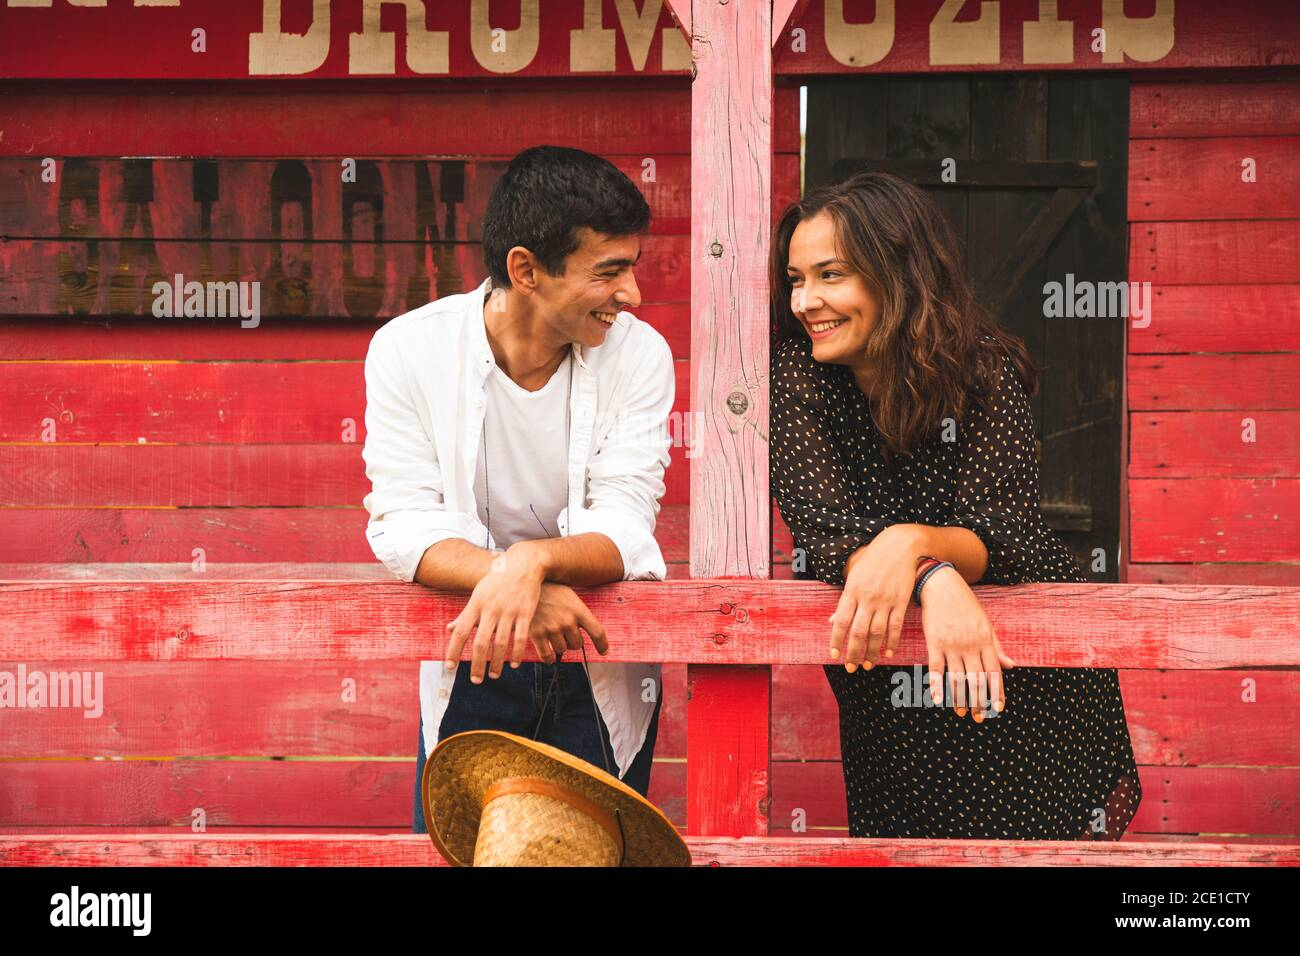 Un joli couple se flirte et se souriait à l'extérieur d'une saloon en bois rouge. Ranch concept Photographie Banque D'Images